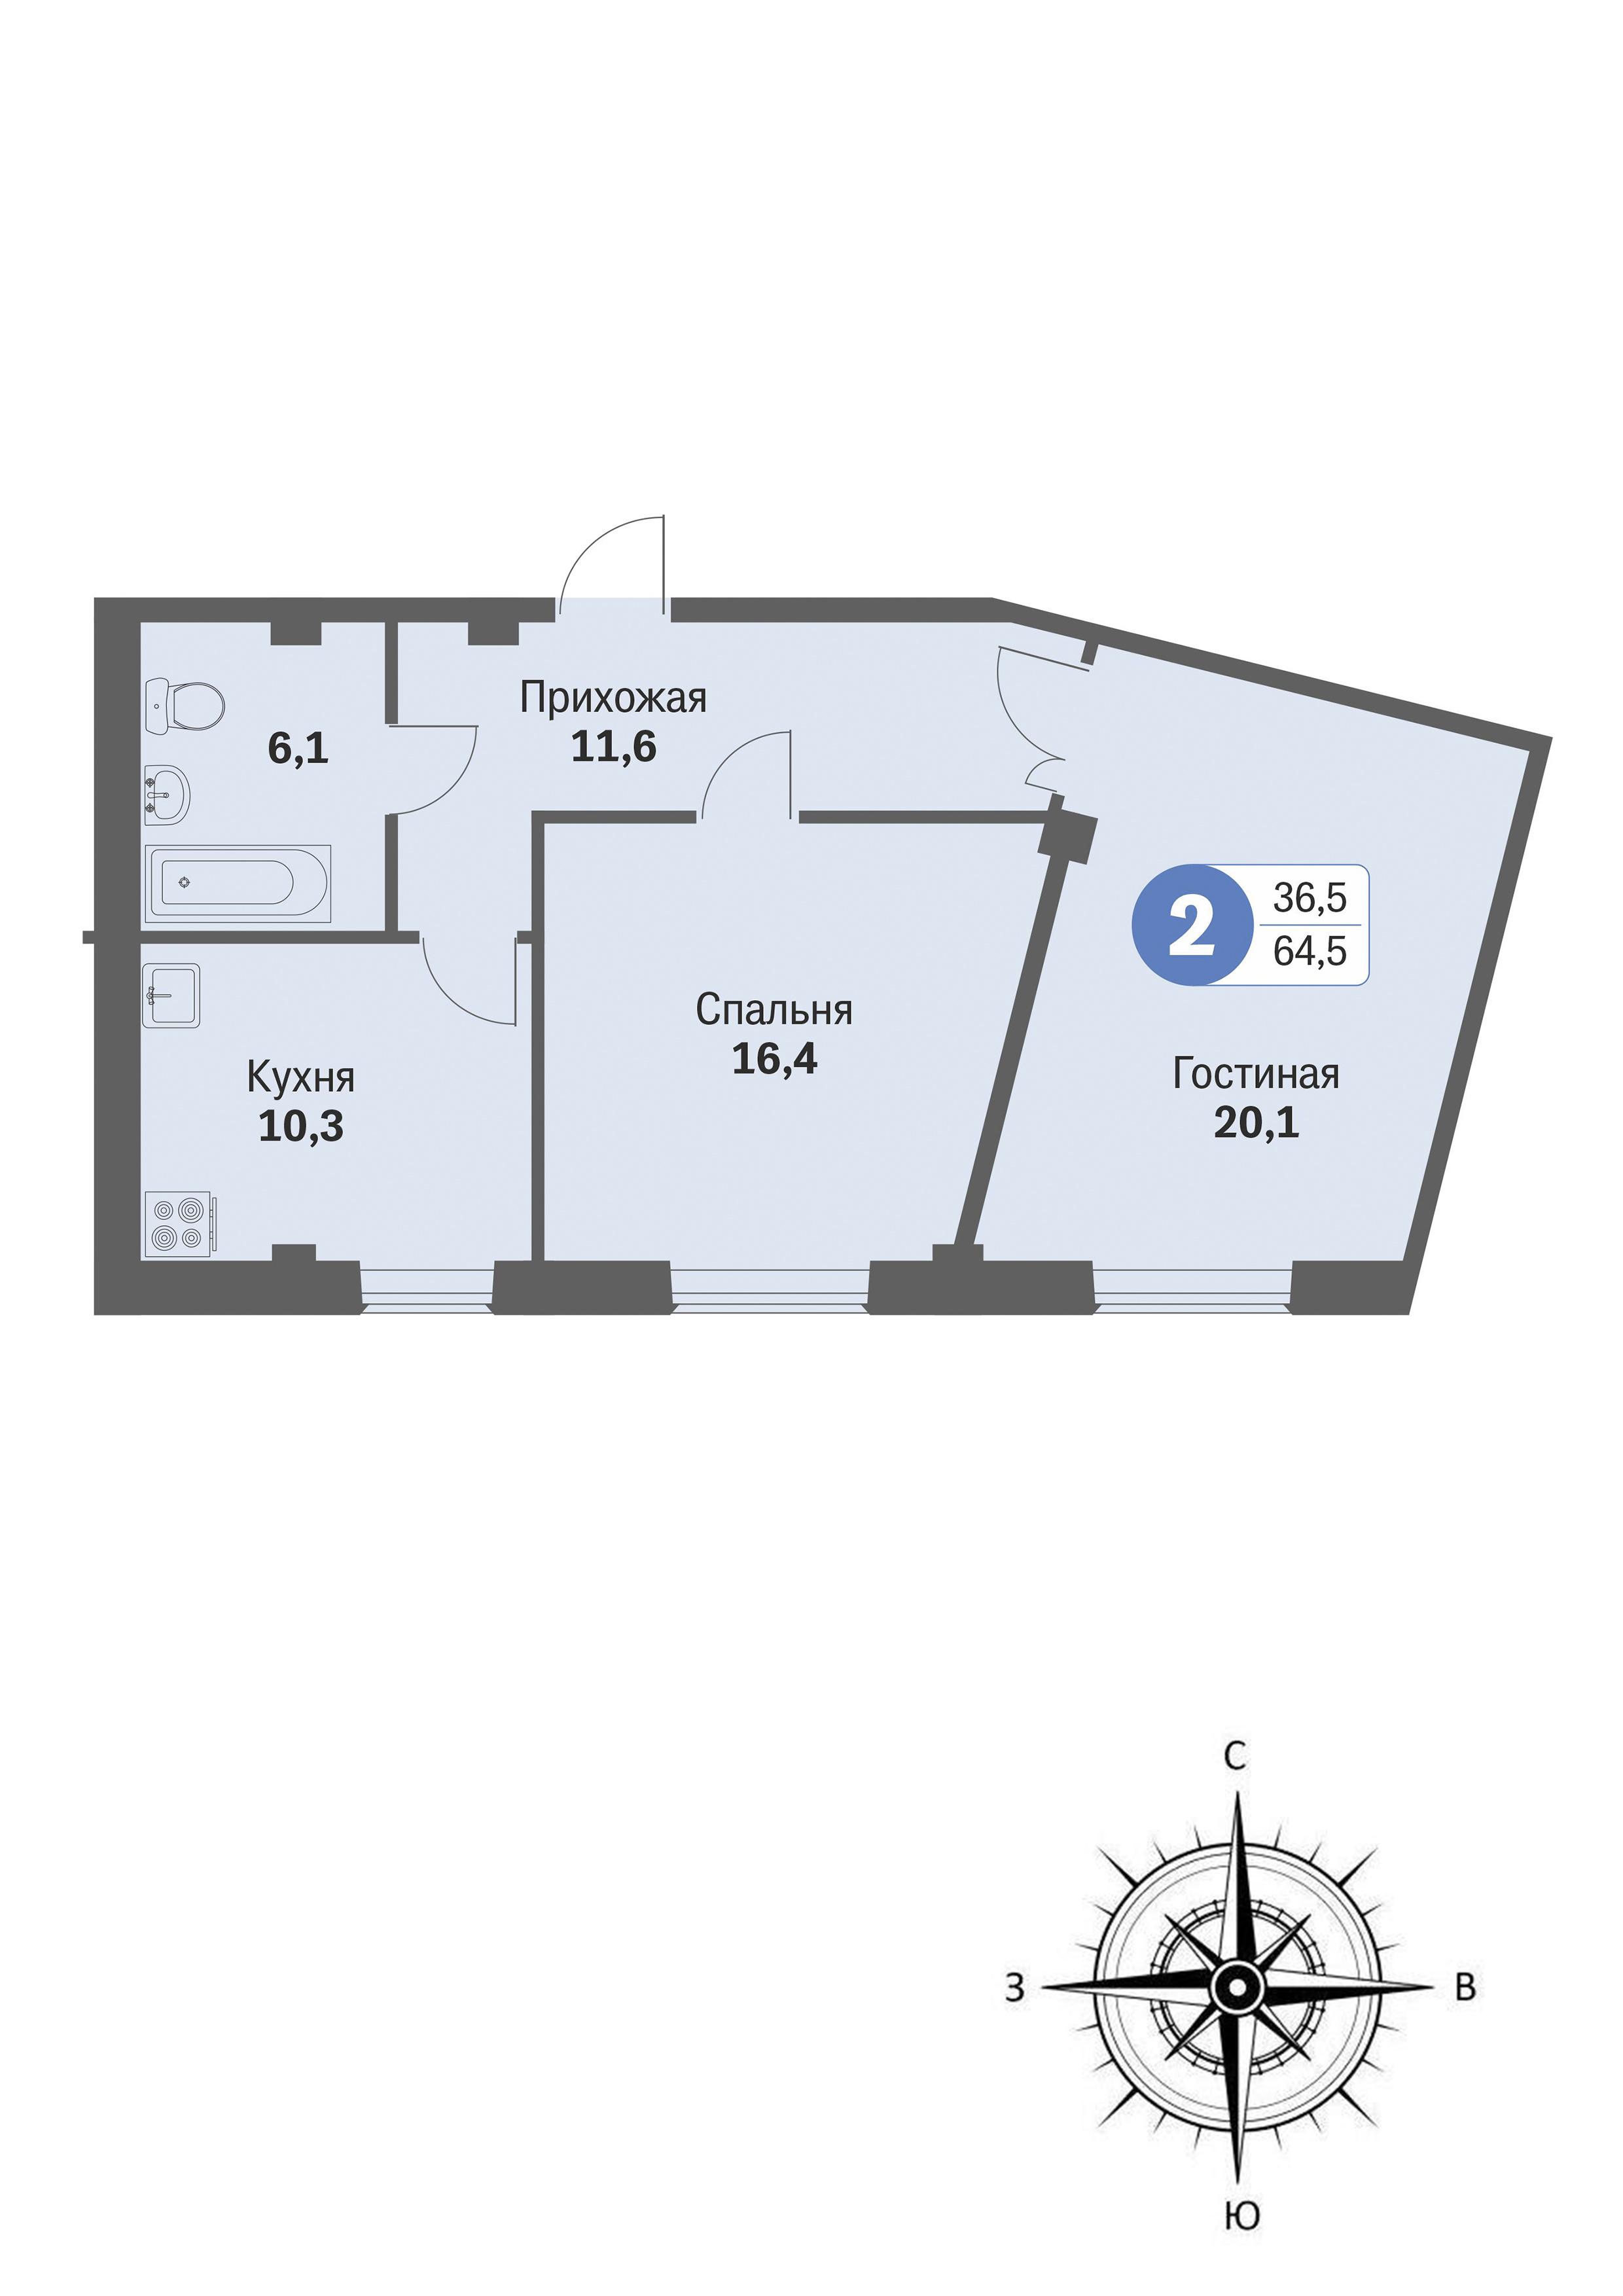 ул. Свиридова, 14, квартира 548 - Двухкомнатная